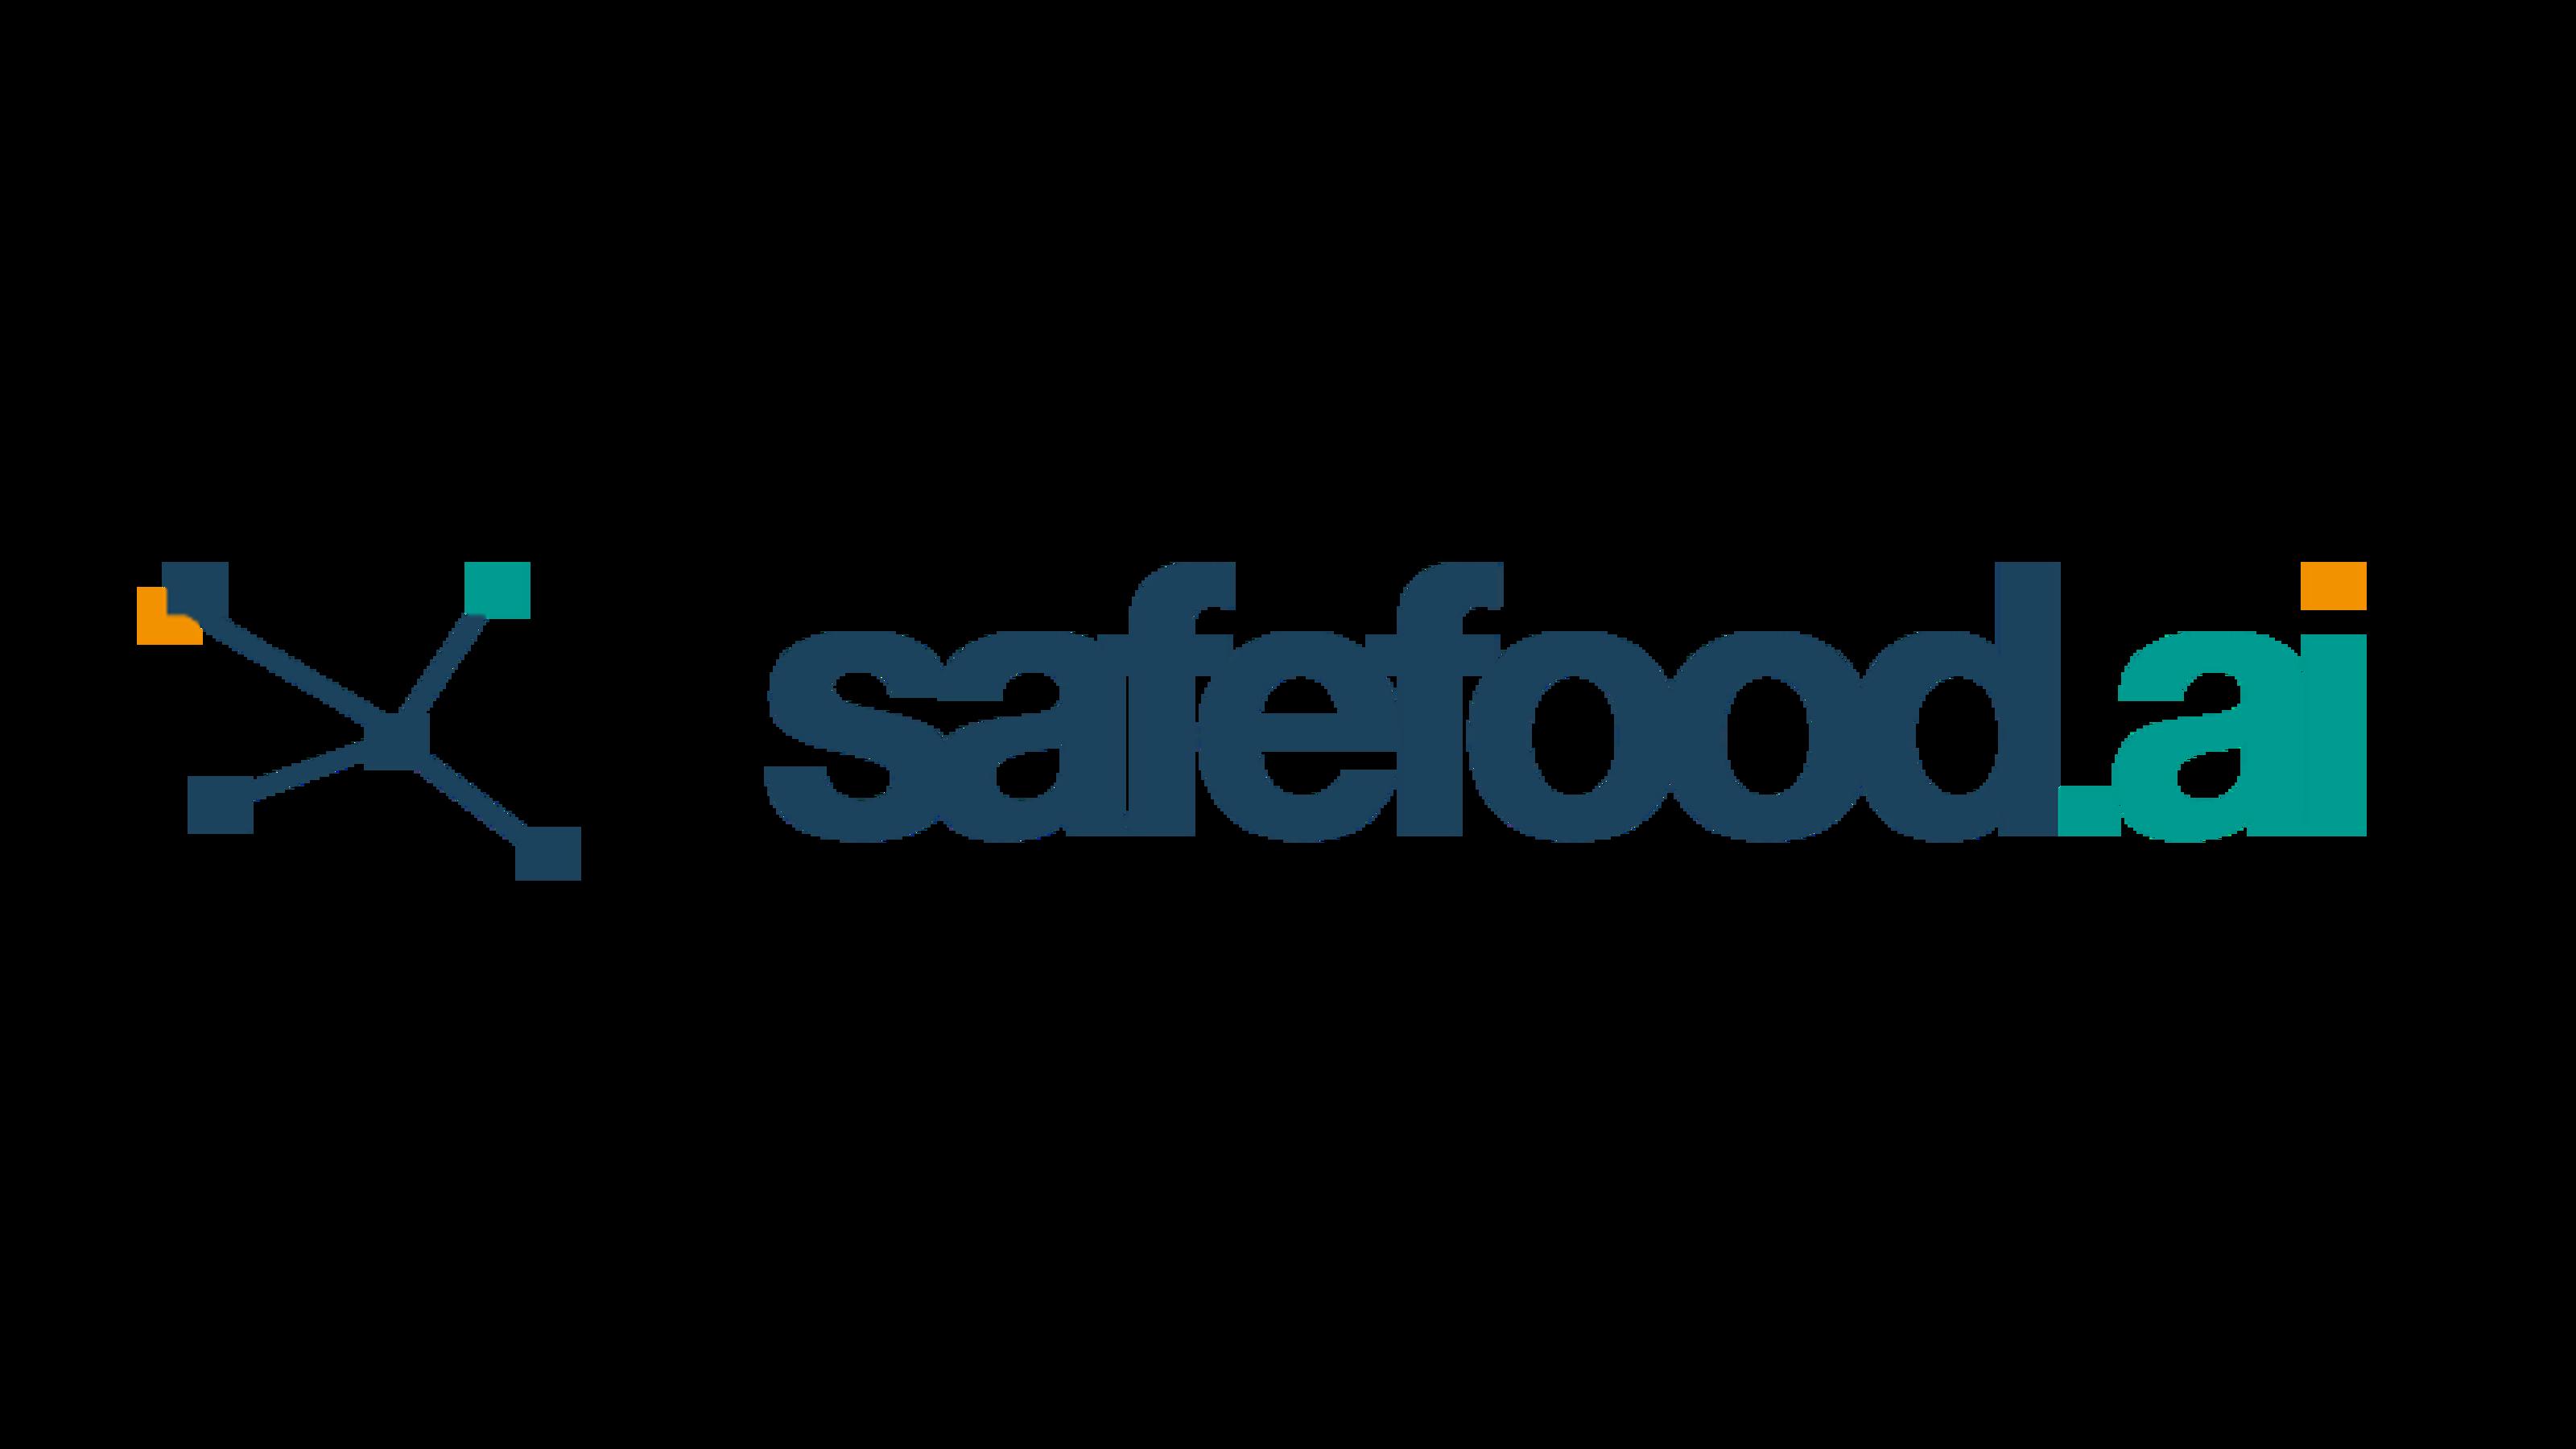 safefood.ai logo